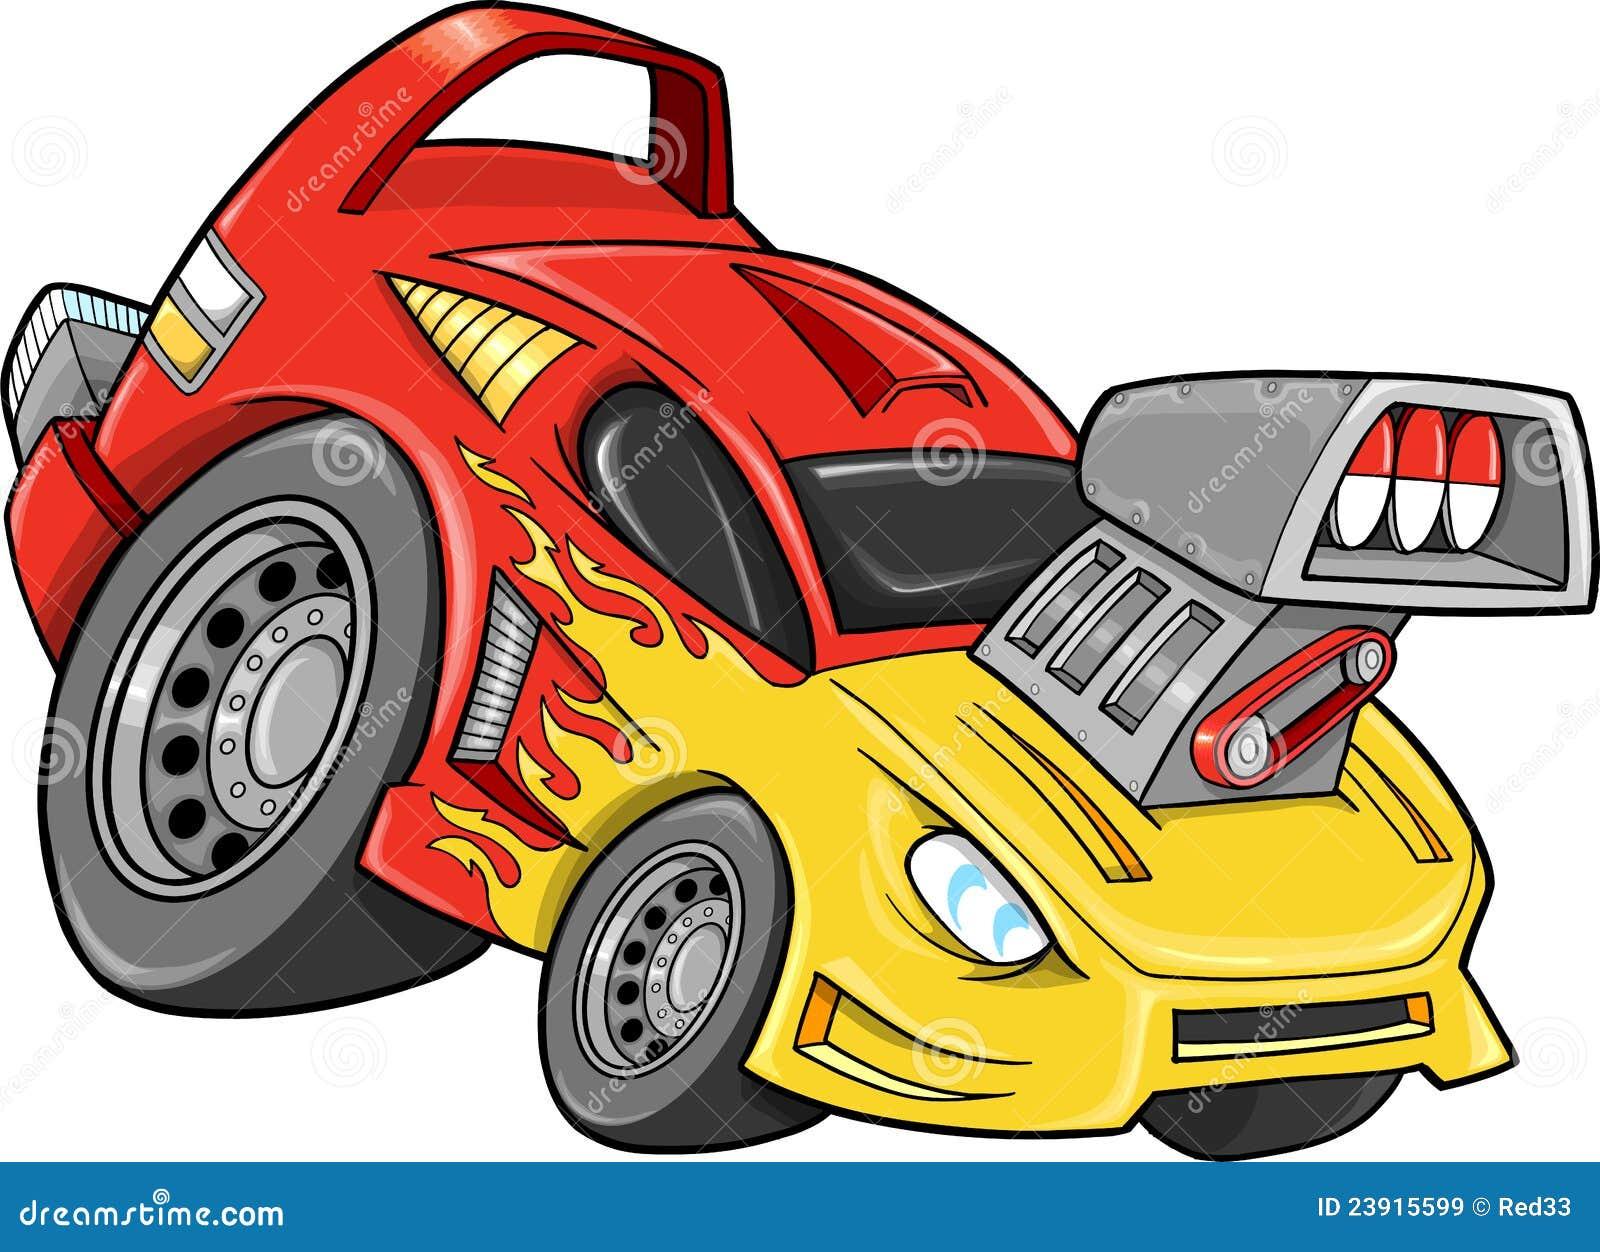 Race Car Street Car Vehicle  Race Car Vector Art